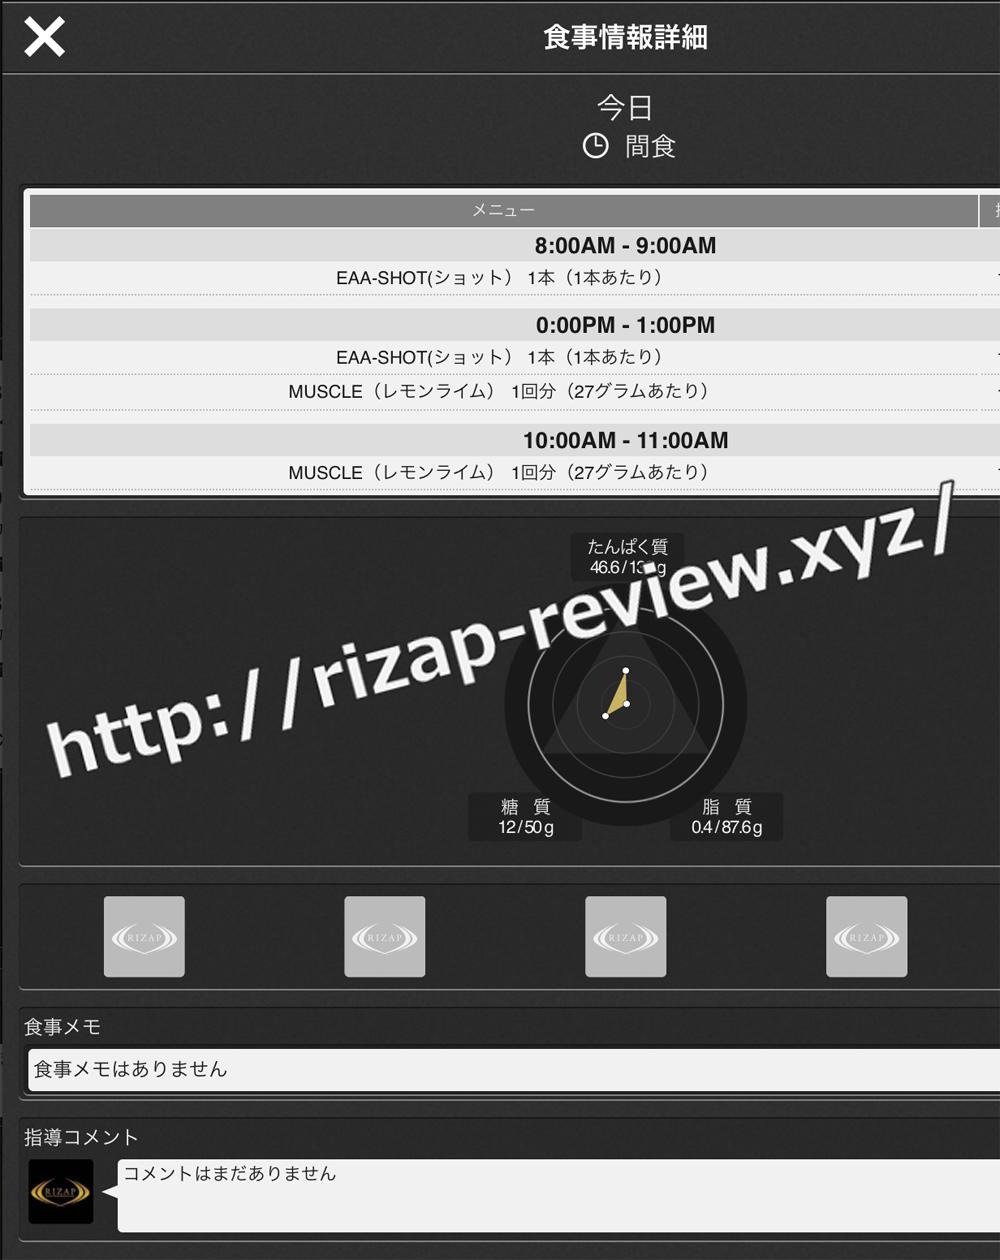 2018.10.11(木)ライザップ流の間食